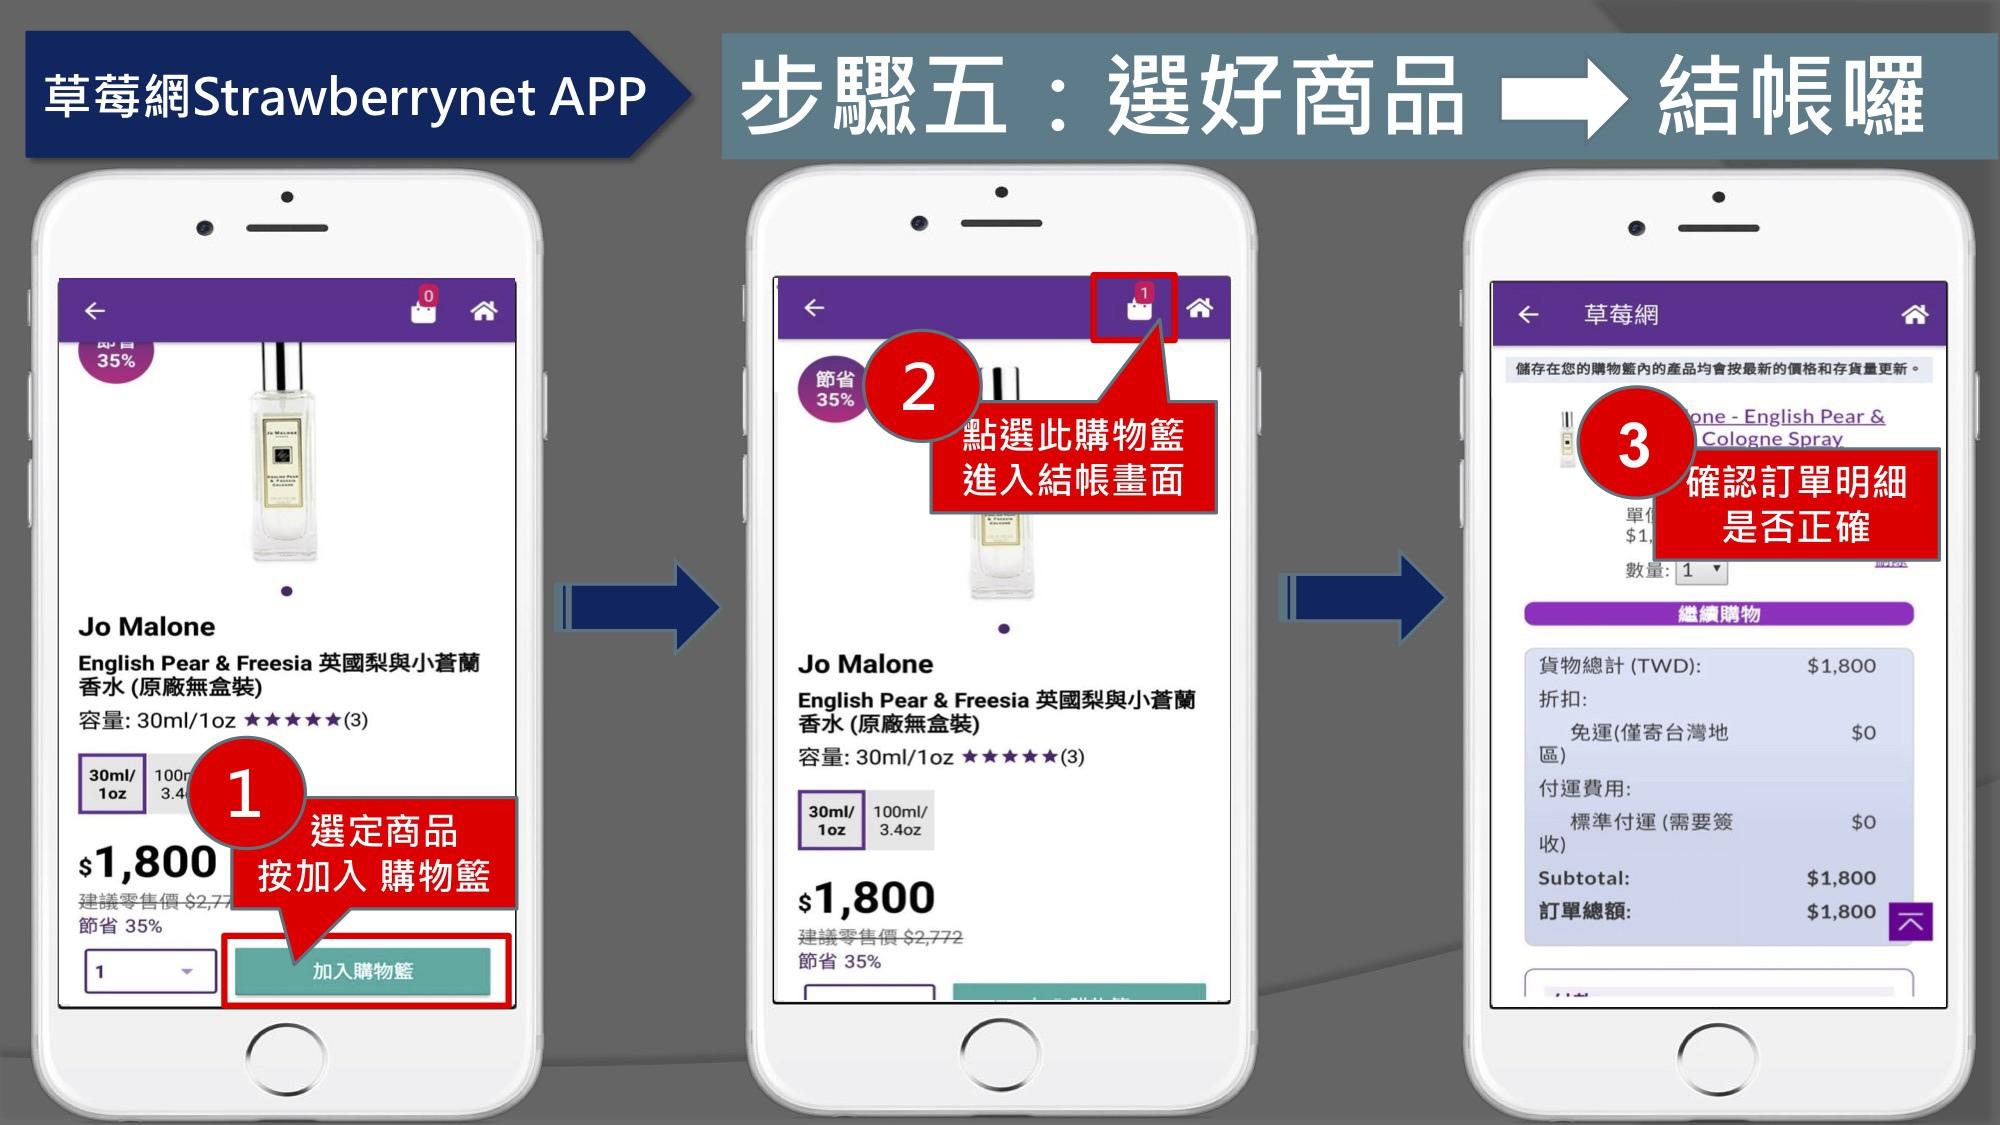 草莓網台灣美妝strawberrynet 註冊流程教學開箱及購物賺分潤操作商品比較.jpg